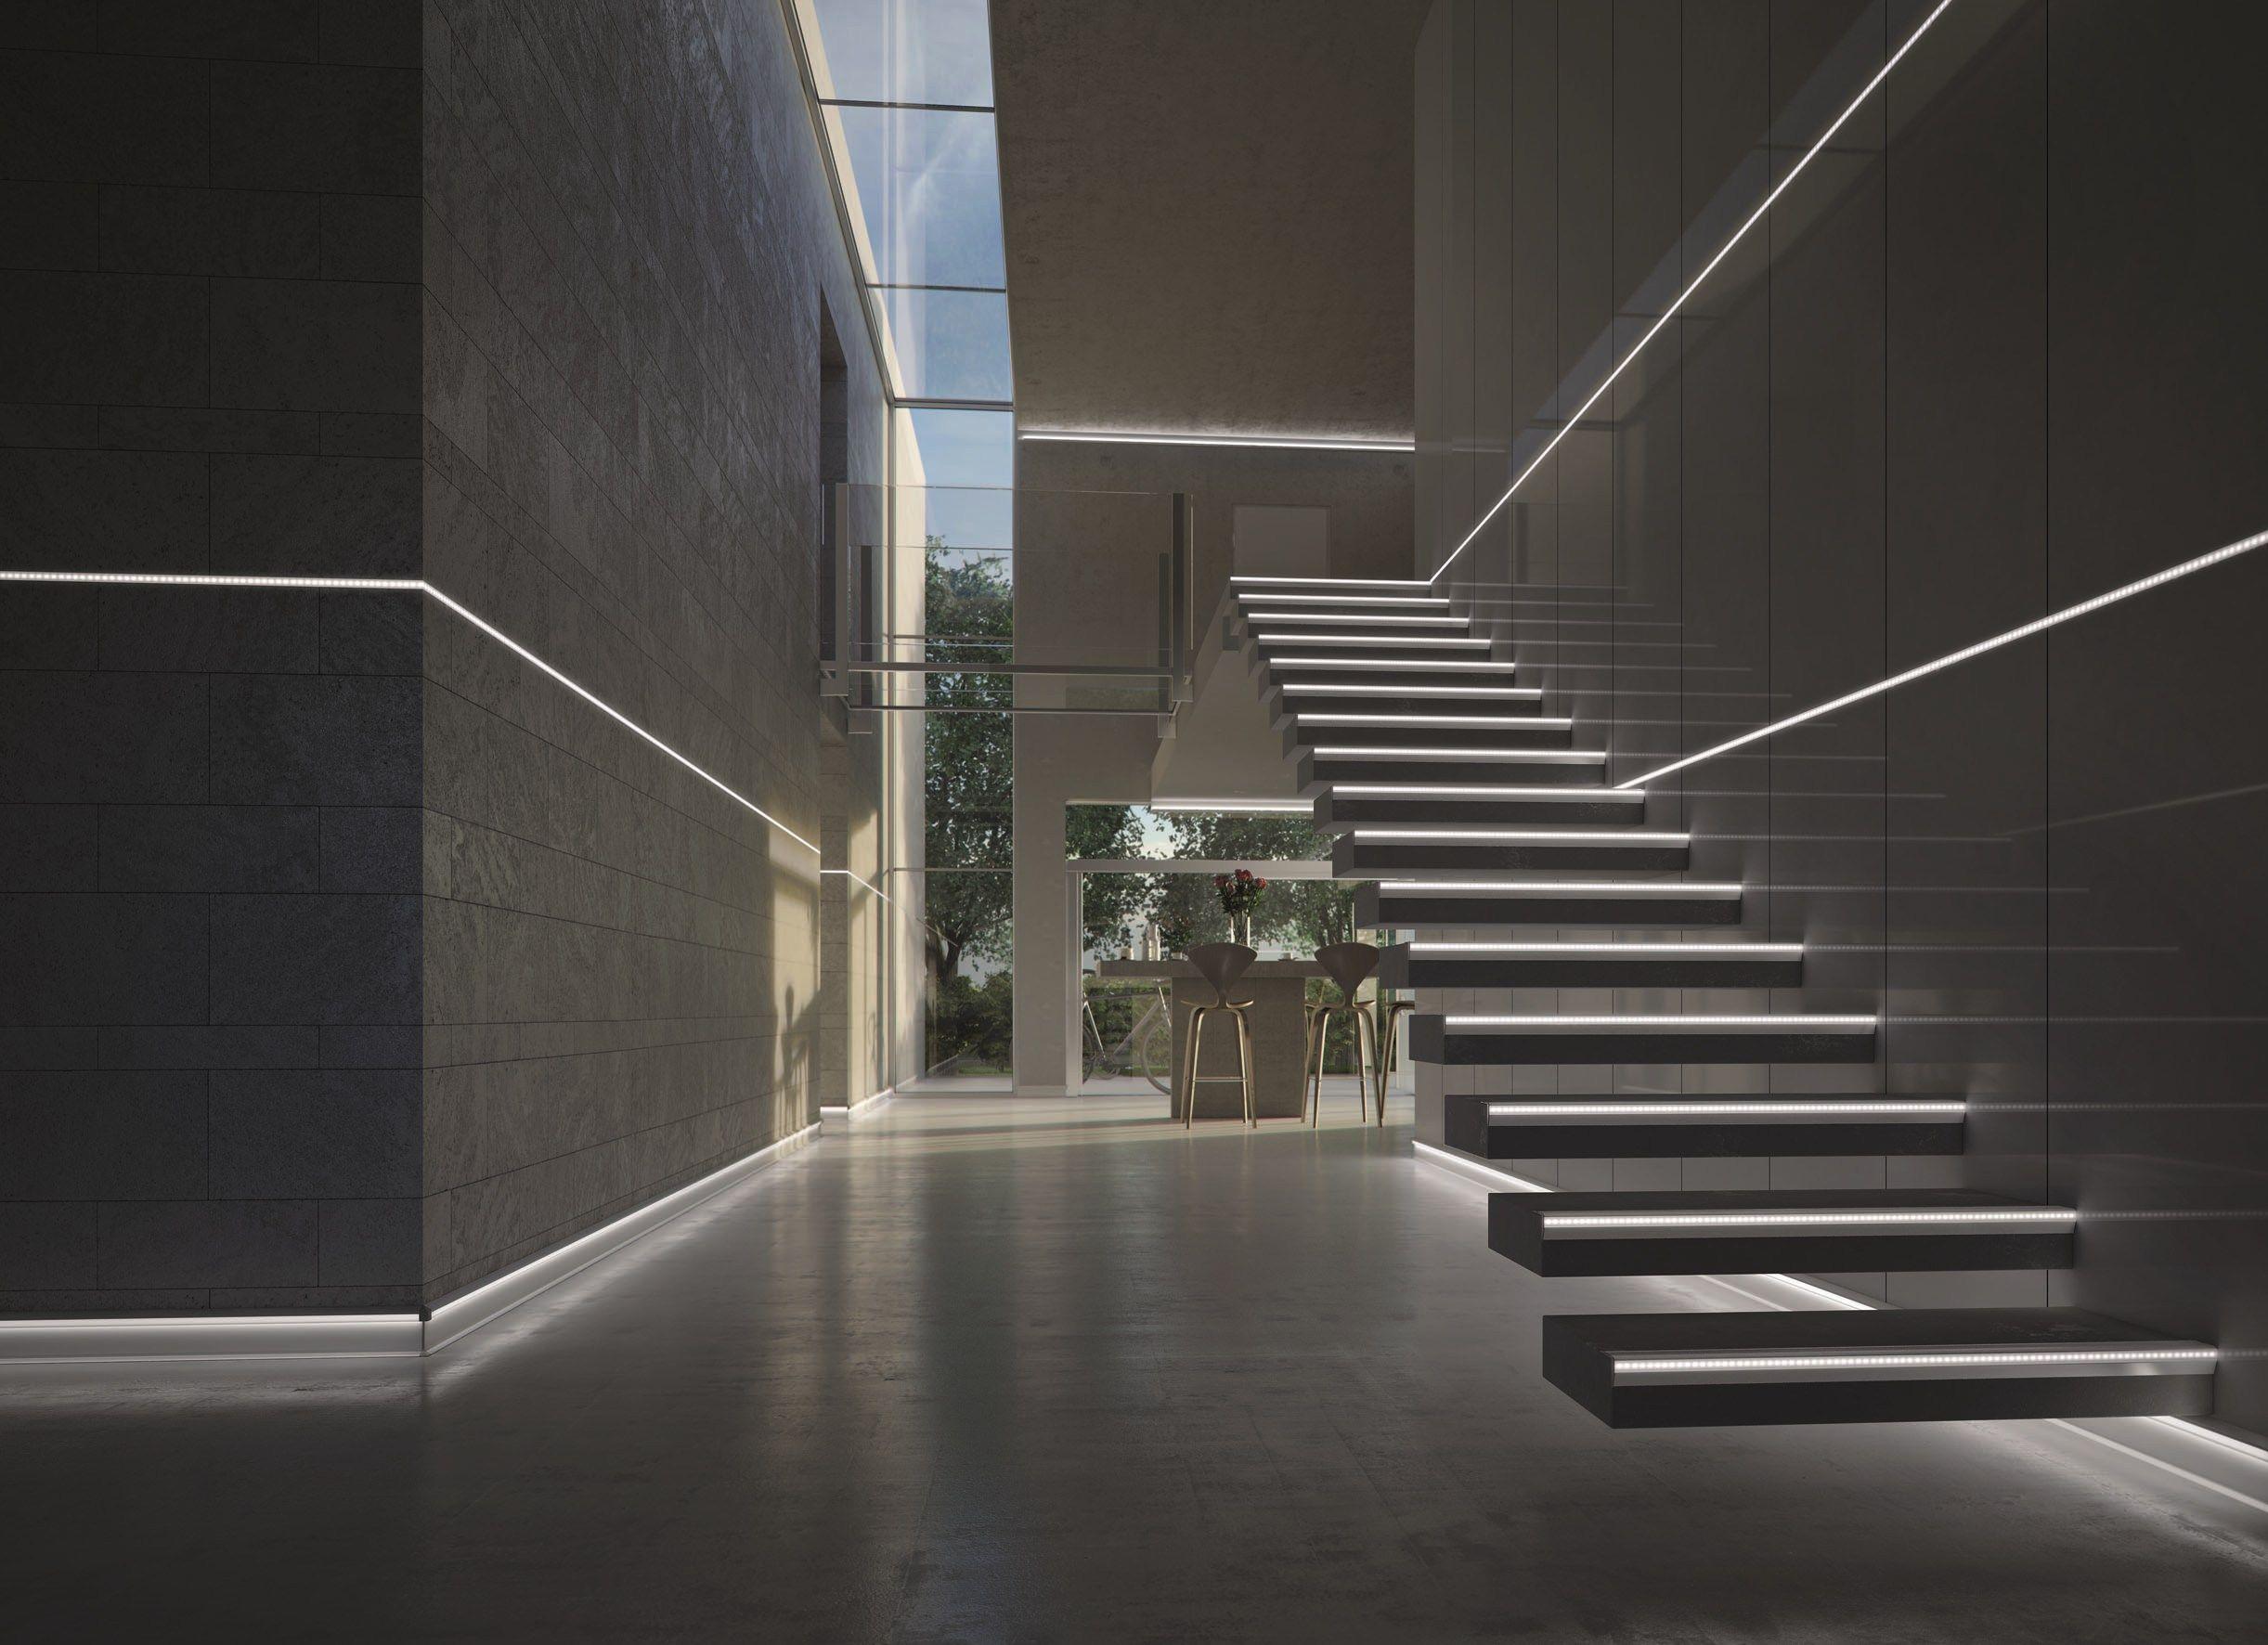 profil de protection des marches en aluminium avec led prostair led by progress profiles. Black Bedroom Furniture Sets. Home Design Ideas